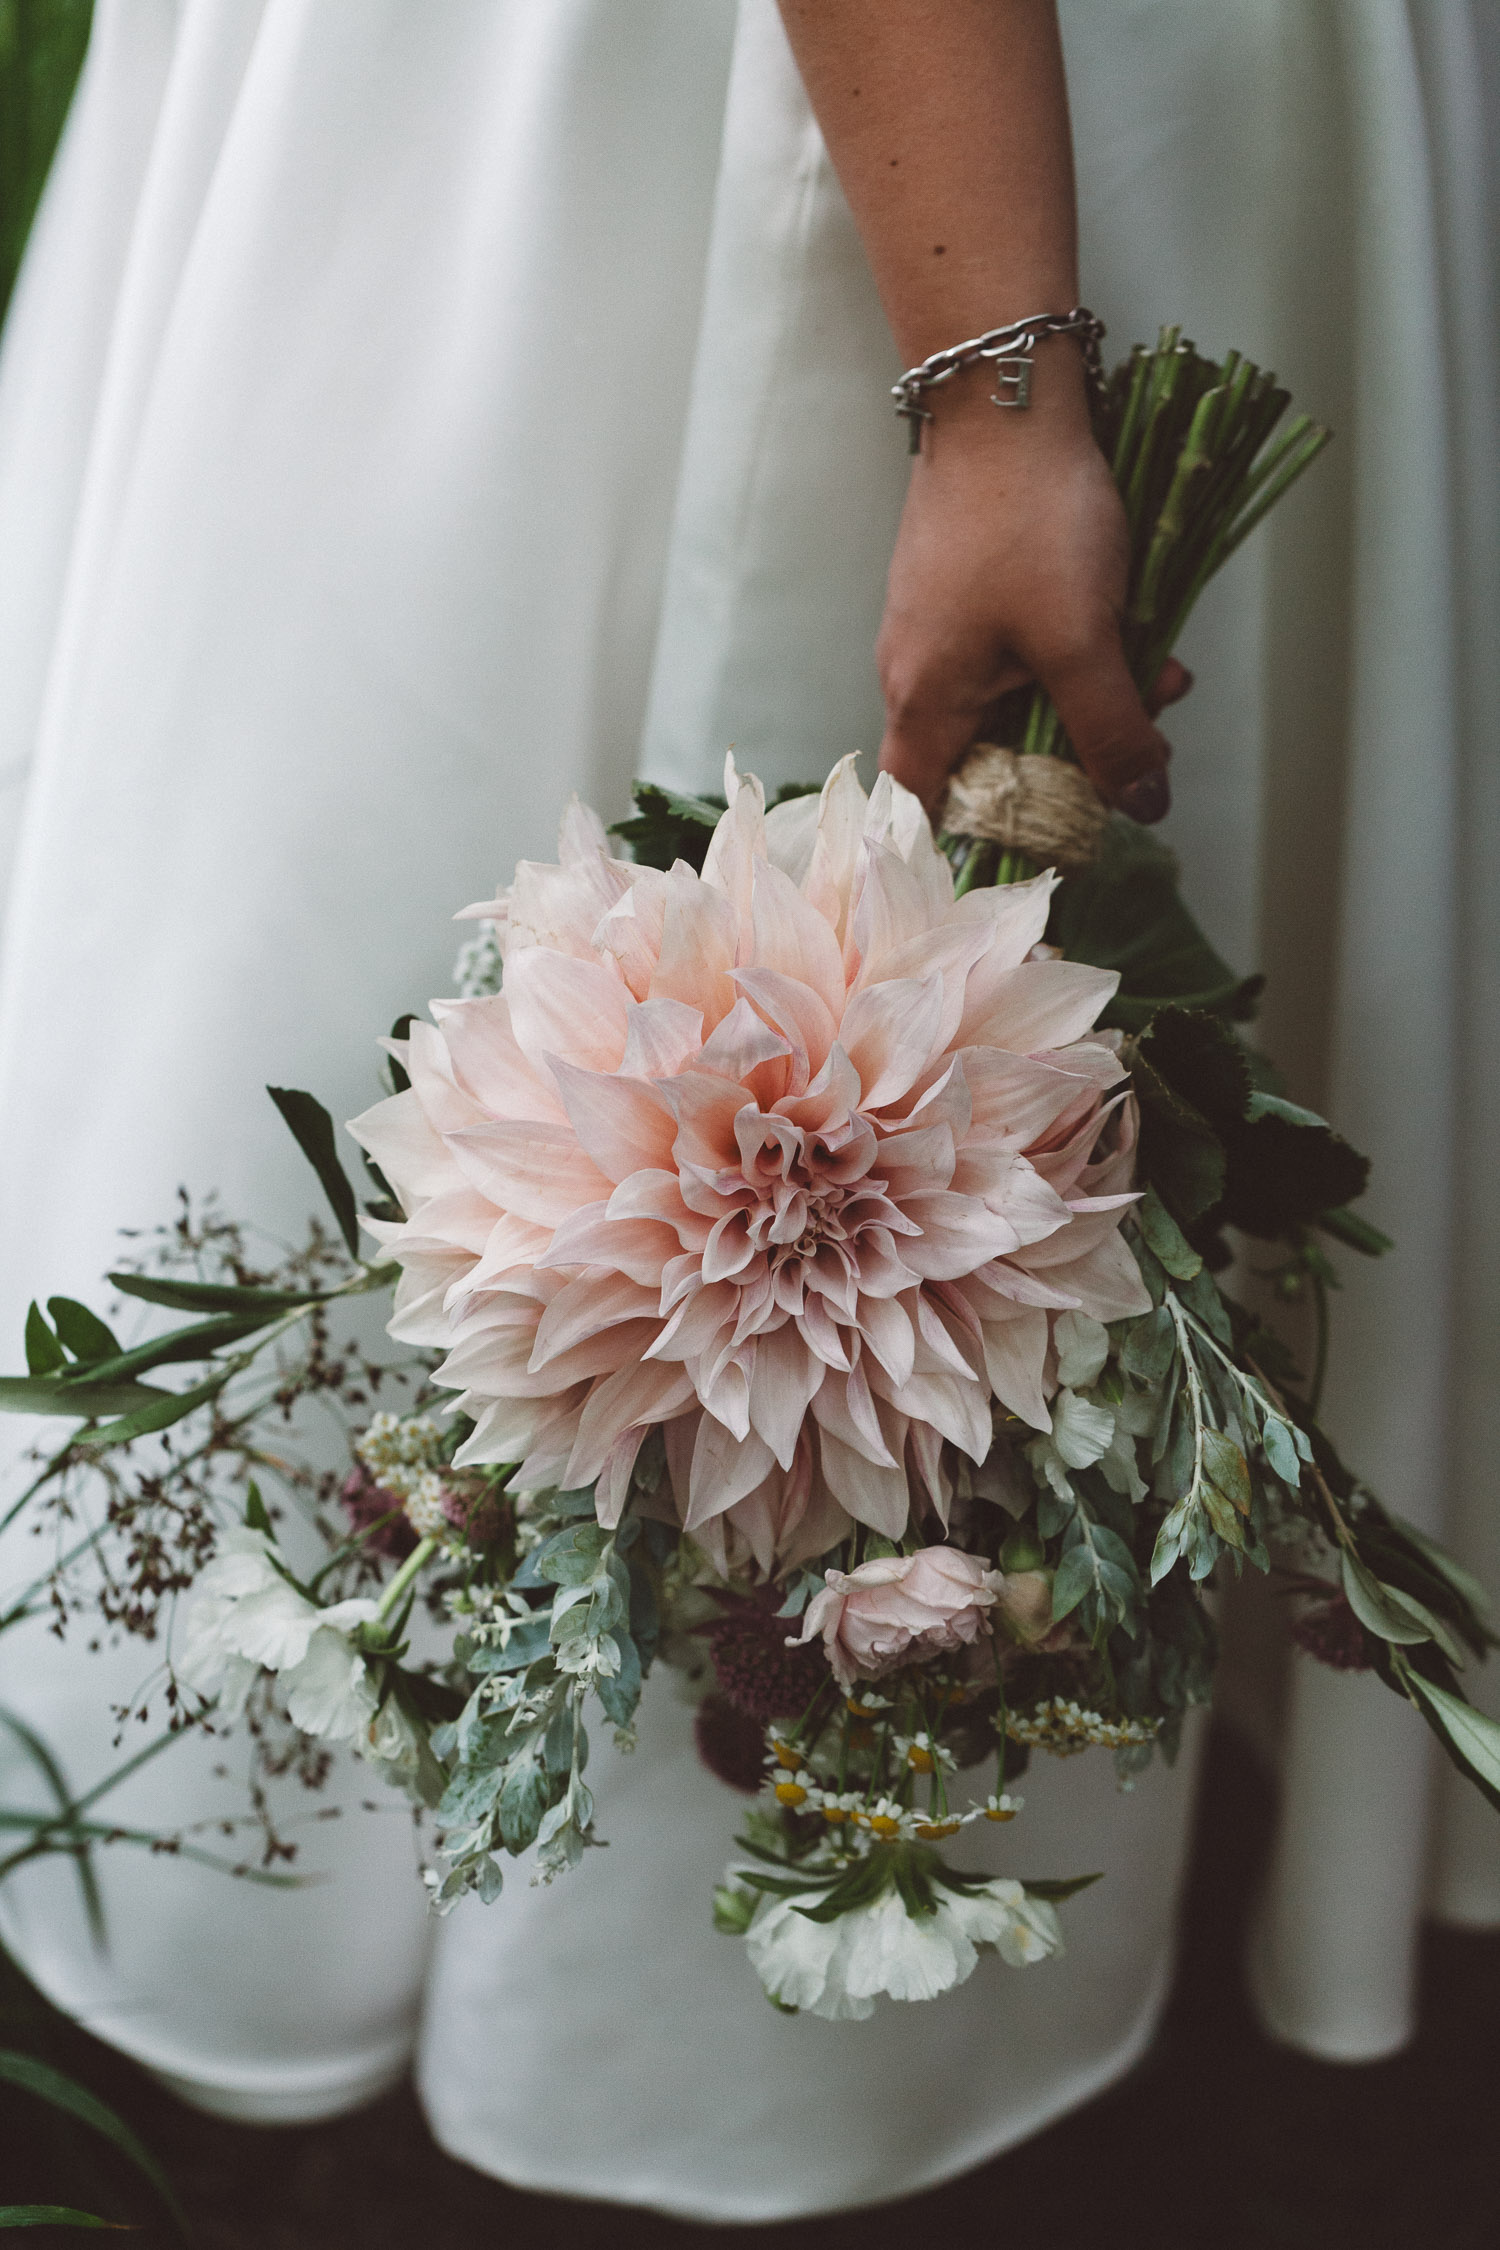 Wedding-Bethan-and-Mike-Hortus-Botanicus-photography-On-a-hazy-morning-Amsterdam177.jpg